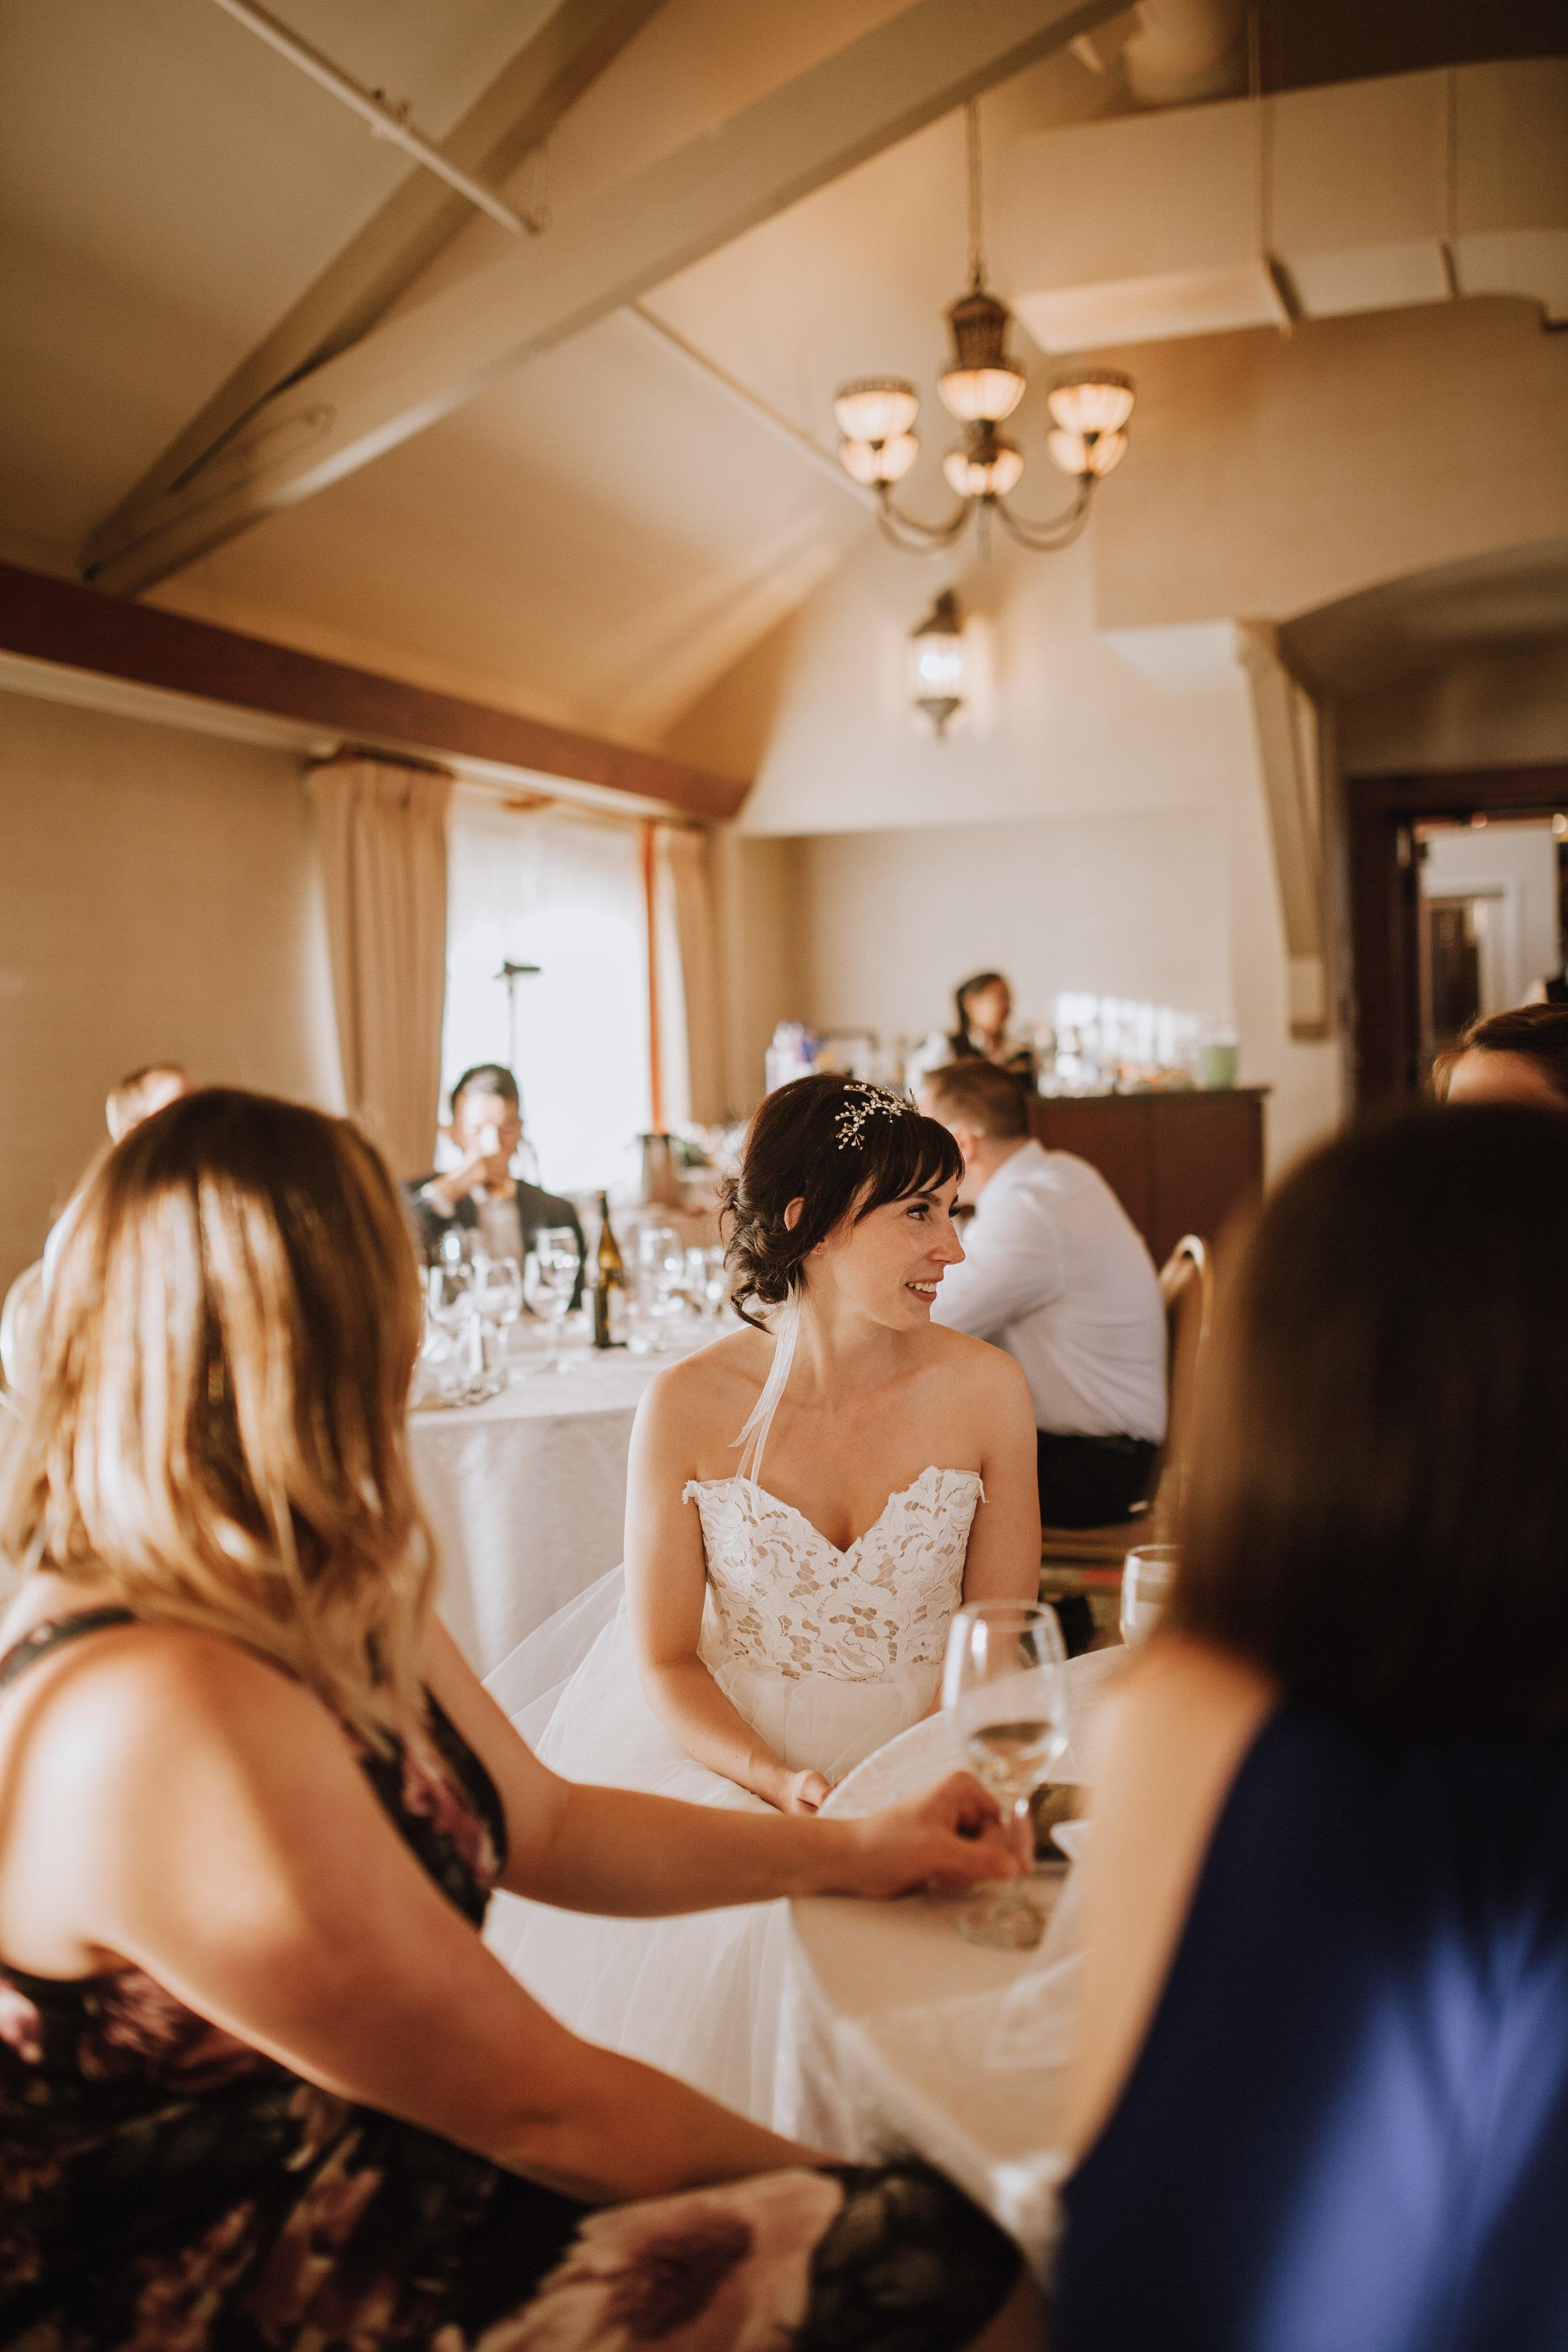 Jenelle + Justin 5 - Reception-74.jpg